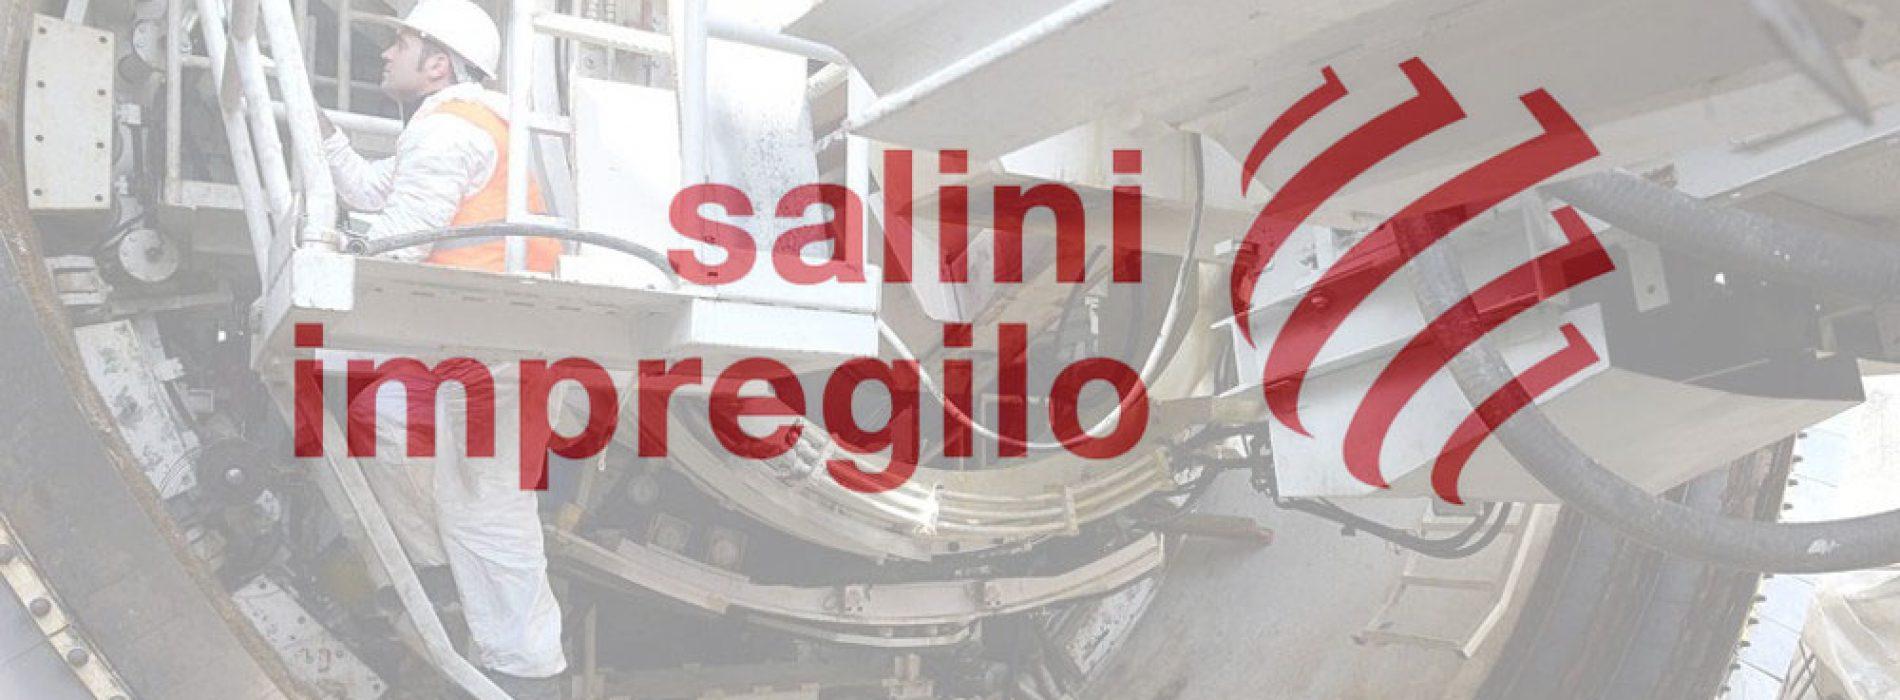 Edilizia italiana in Australia: Salini Impregilo costruirà ferrovia a Perth